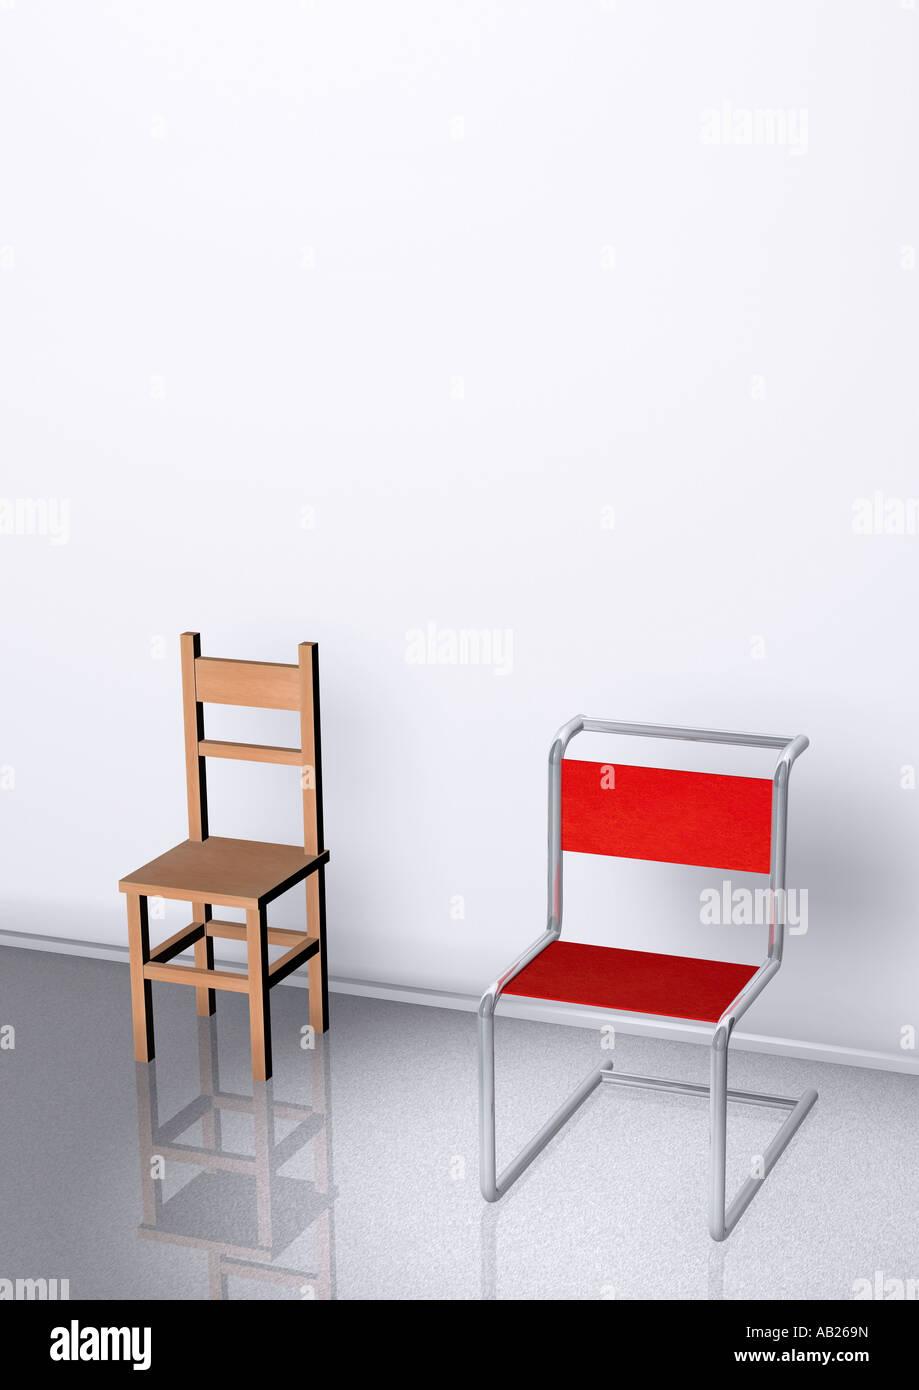 einfach und von Arten 2 komfortabel 2 Arten Stühle Stühlen CoexdWBr